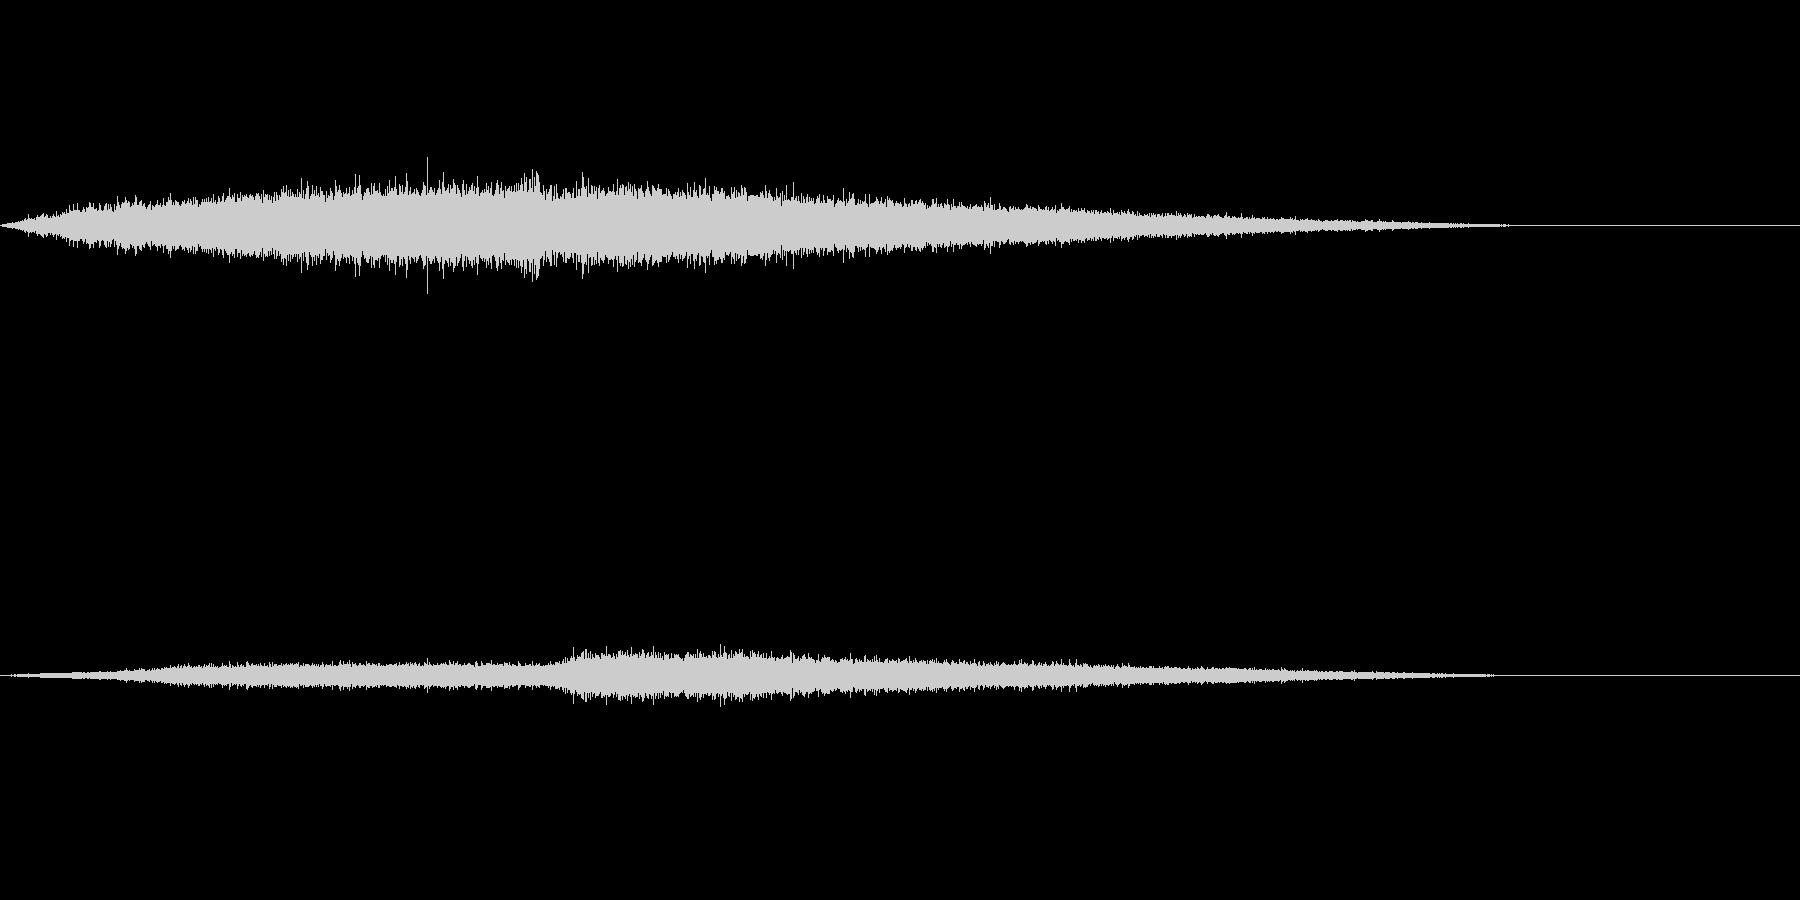 ジュワワワ~ 唐揚げ お肉を焼く音の未再生の波形